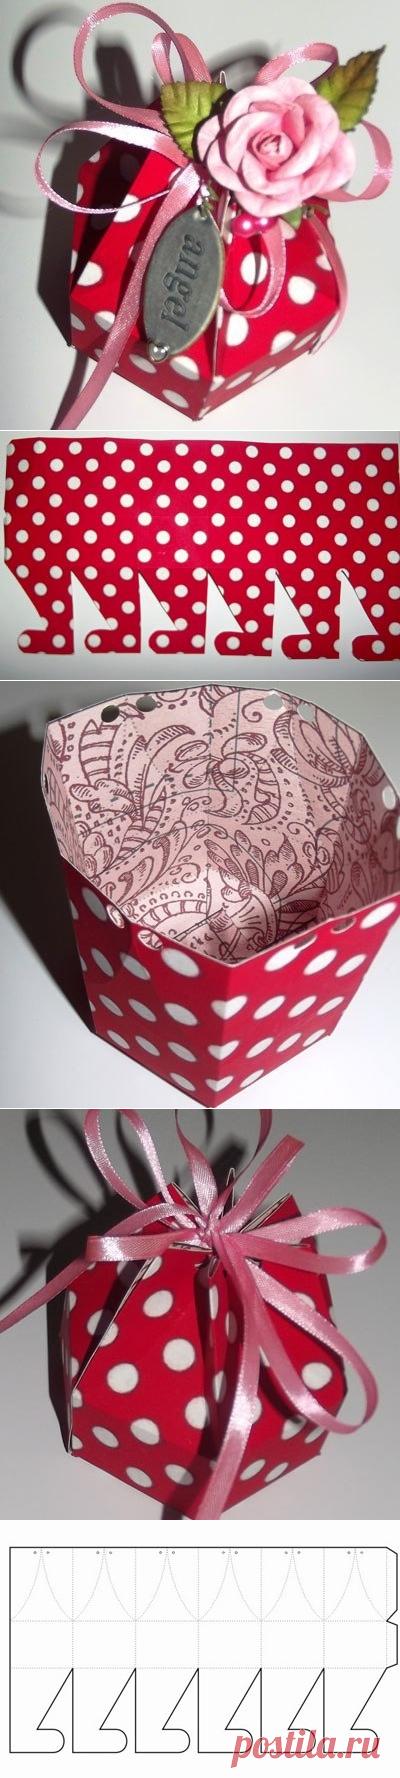 Шестигранная коробочка для подарка